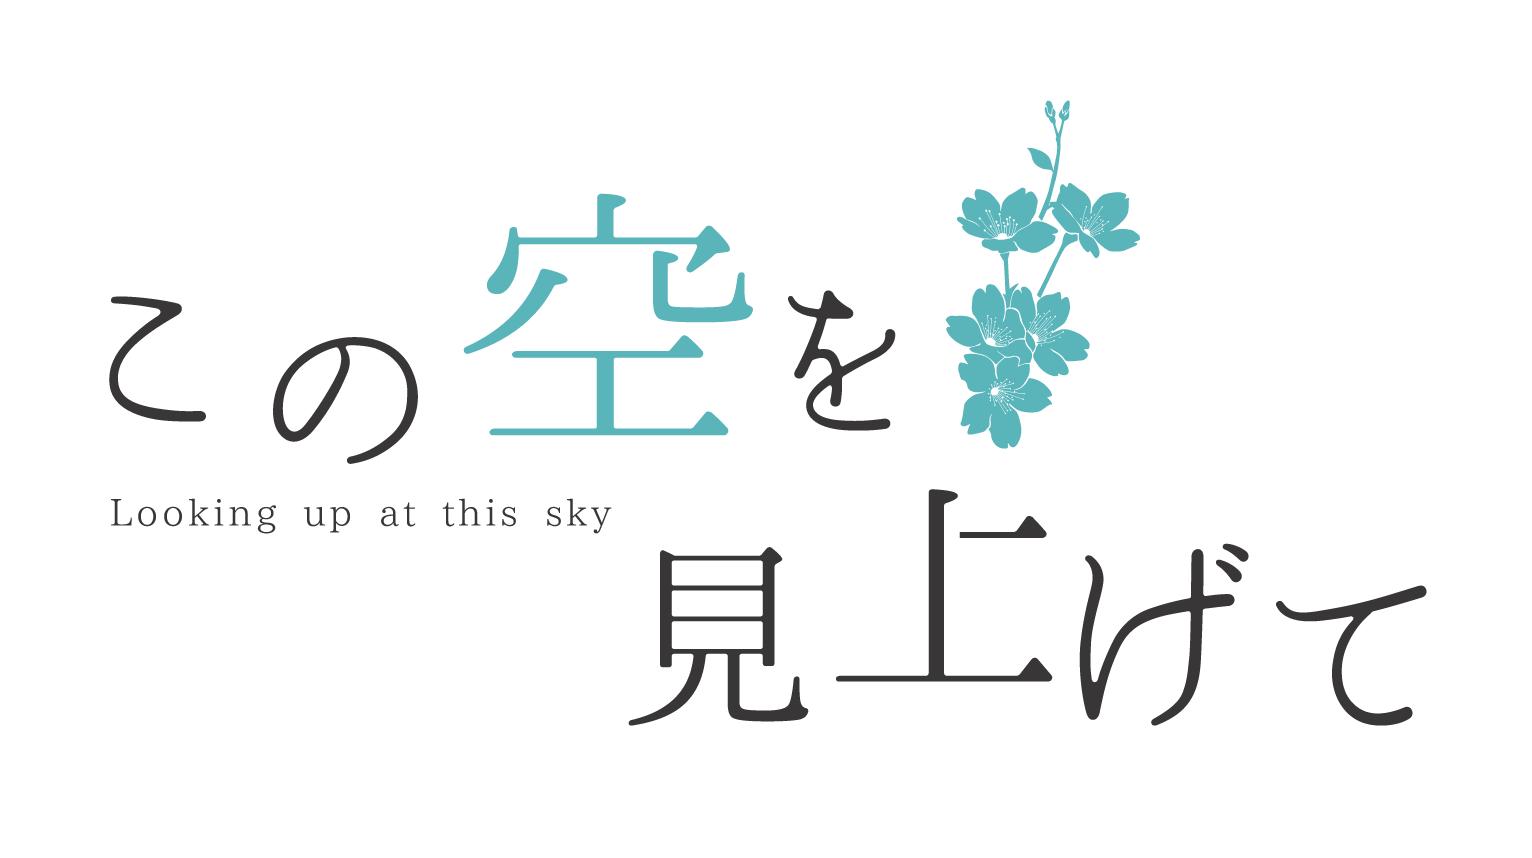 【朗読劇】この空を見上げて / 2月16日(日曜日) 夜の部/ 公演チケット